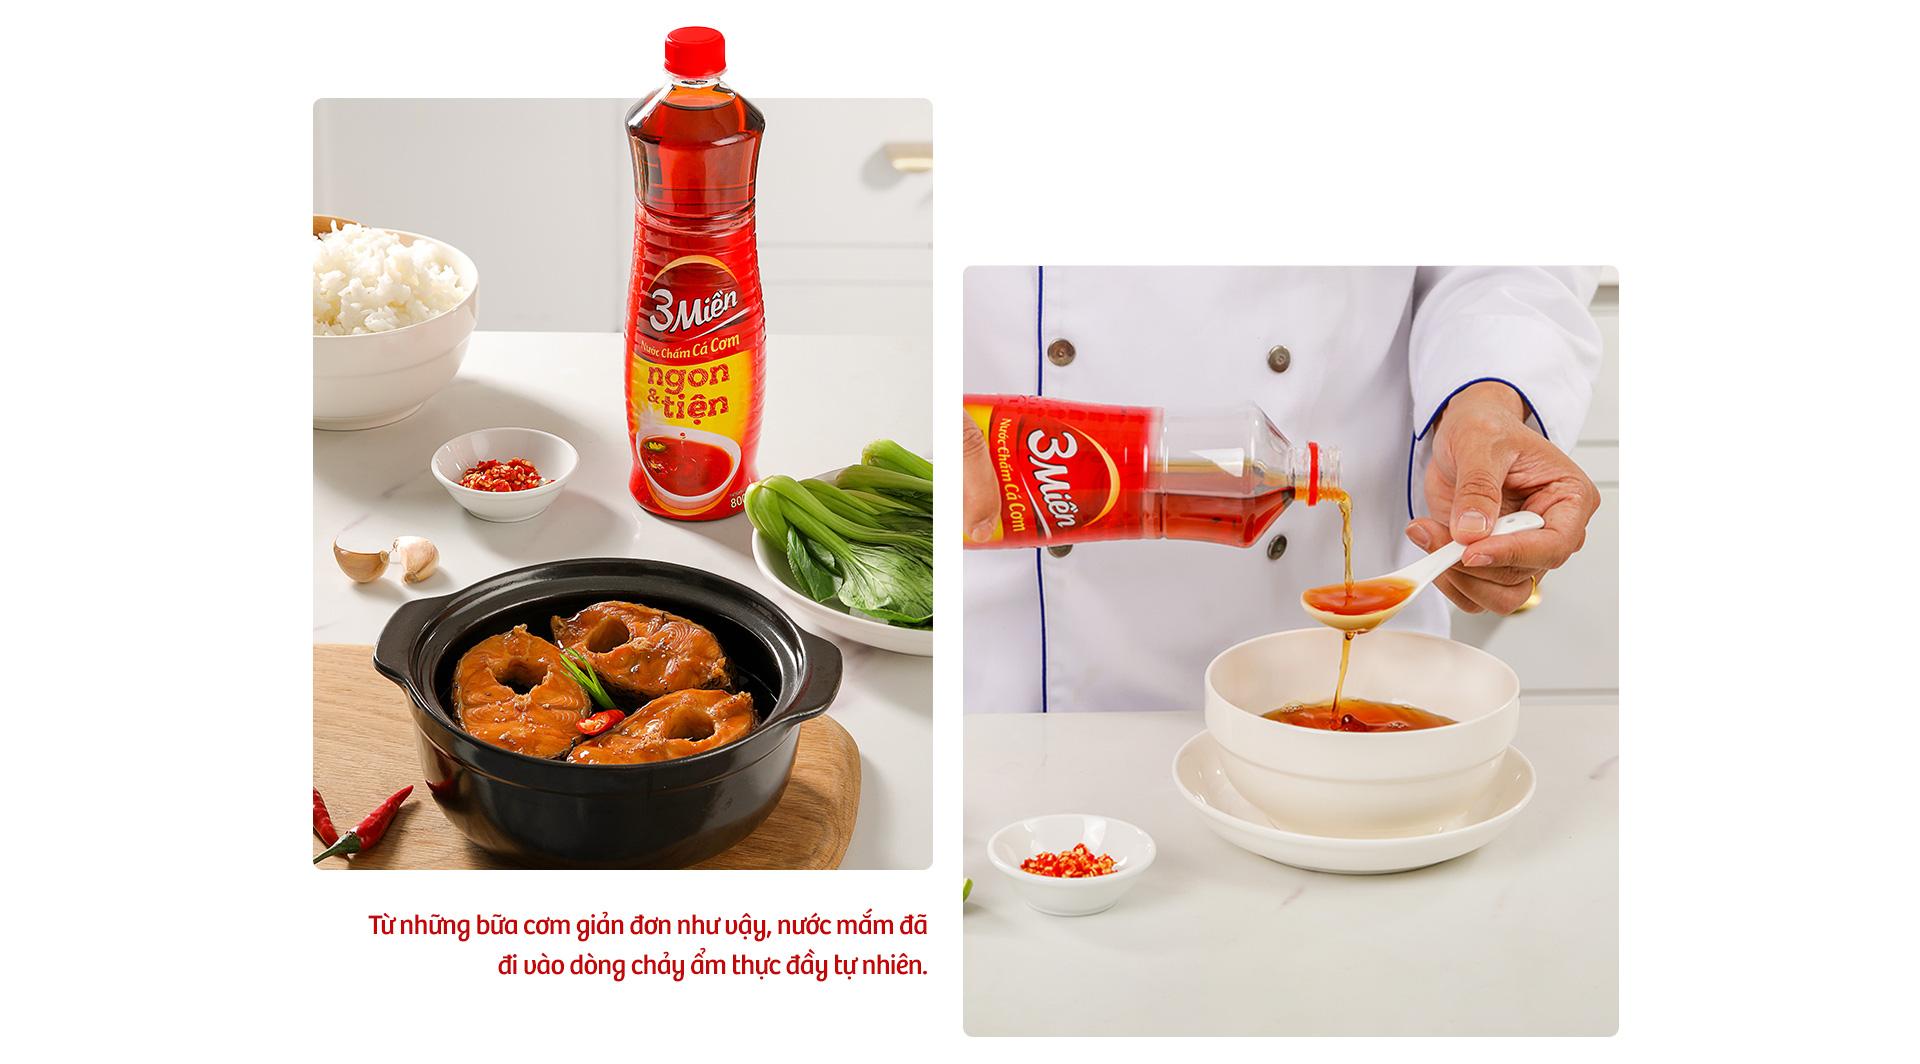 Những bữa cơm Việt truyền thống thấm đượm vị yêu thương - Ảnh 4.